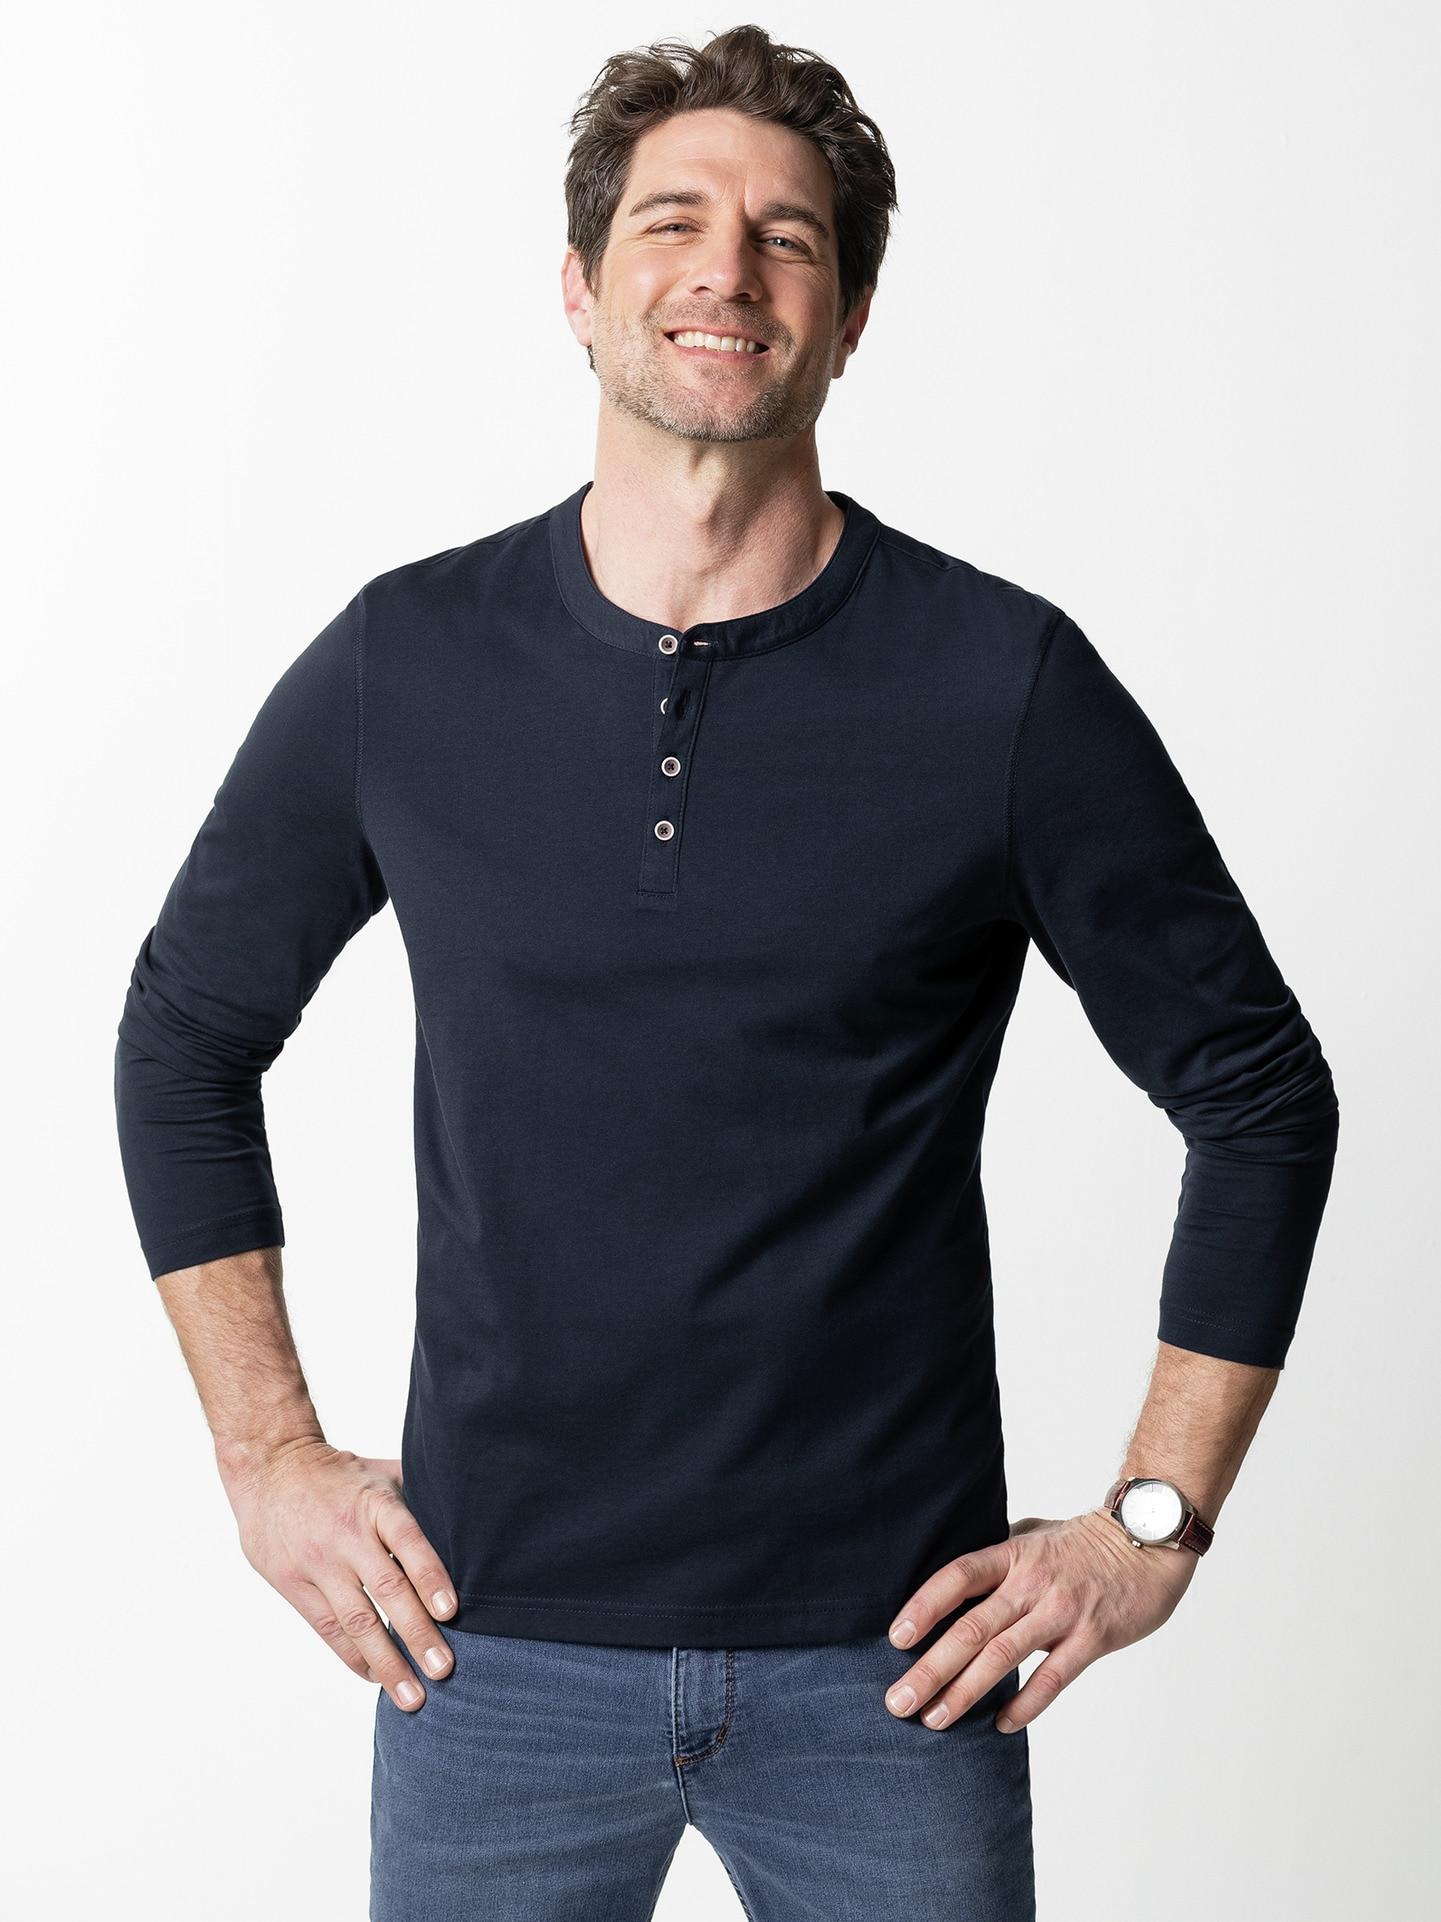 Unterziehshirts online kaufen   Walbusch